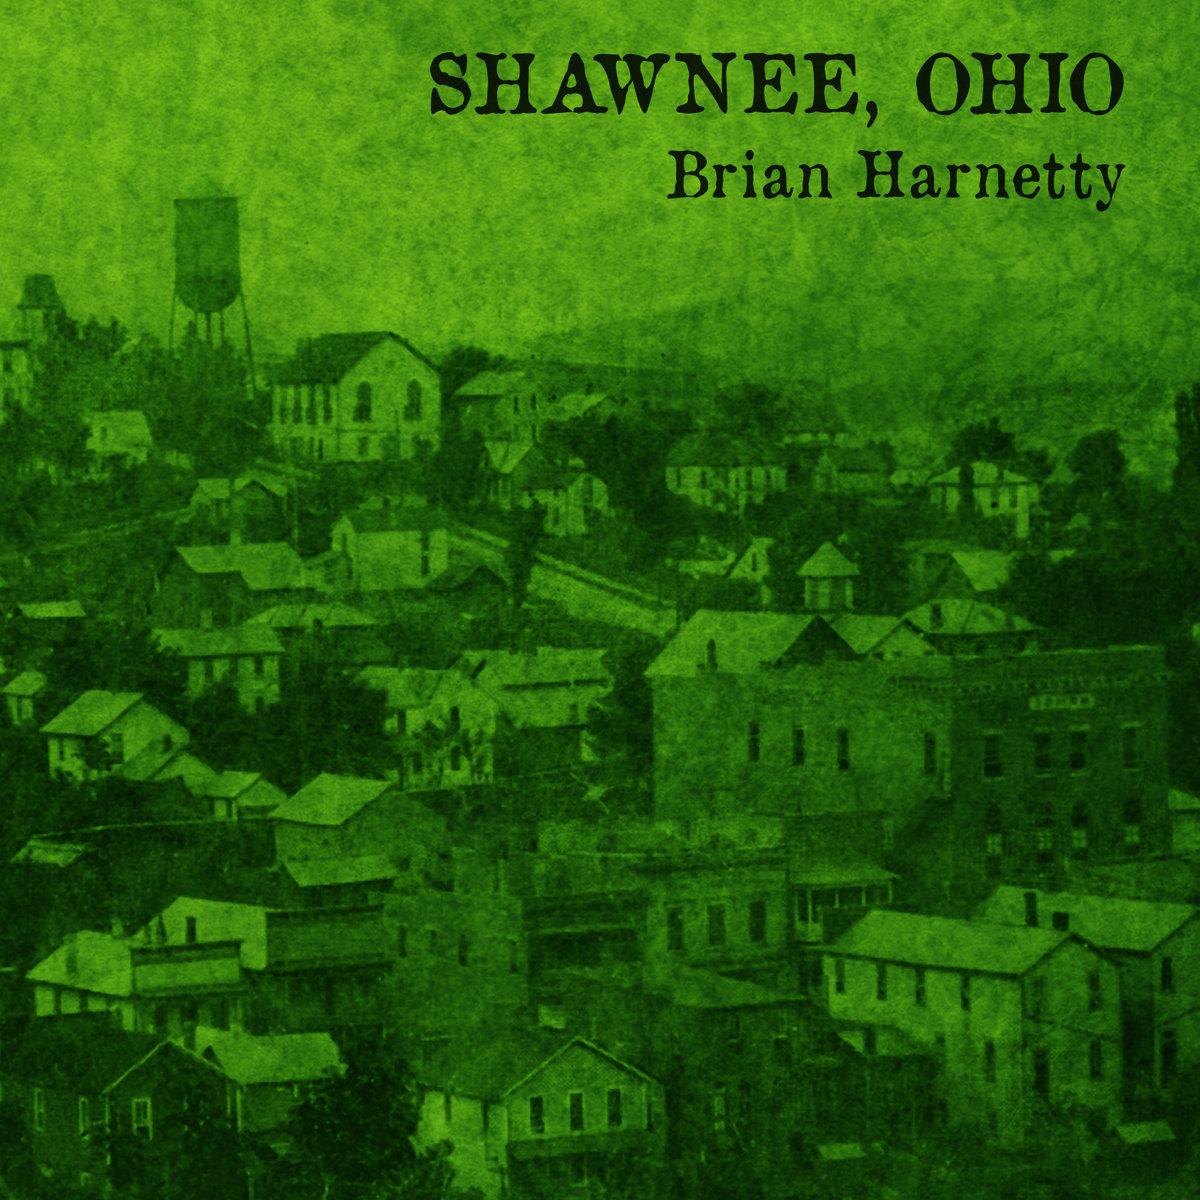 Shawnee, Ohio